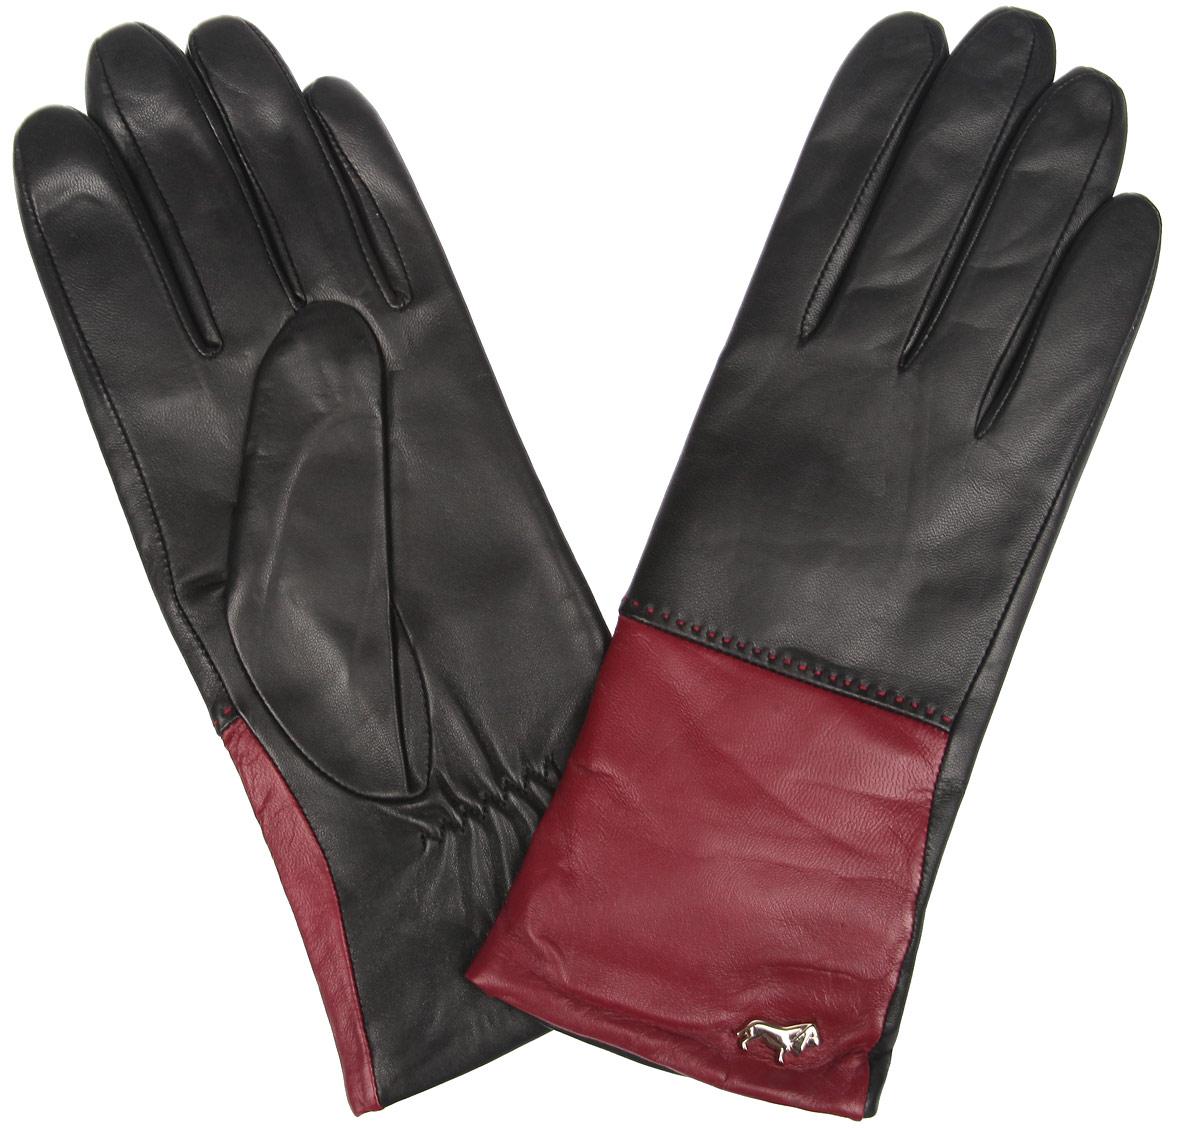 Перчатки женские. LB-7777LB-7777Женские перчатки Labbra не только защитят ваши руки от холода, но и станут стильным украшением. Перчатки выполнены из натуральной кожи ягненка. Они мягкие, максимально сохраняют тепло, идеально сидят на руке. Подкладка изделия изготовлена из шерсти с добавлением акрила. Лицевая сторона изделия дополнена декоративным элементом в виде логотипа бренда. На запястье модель присборена на небольшие эластичные резинки. Перчатки станут завершающим элементом вашего неповторимого стиля и подчеркнут вашу индивидуальность.